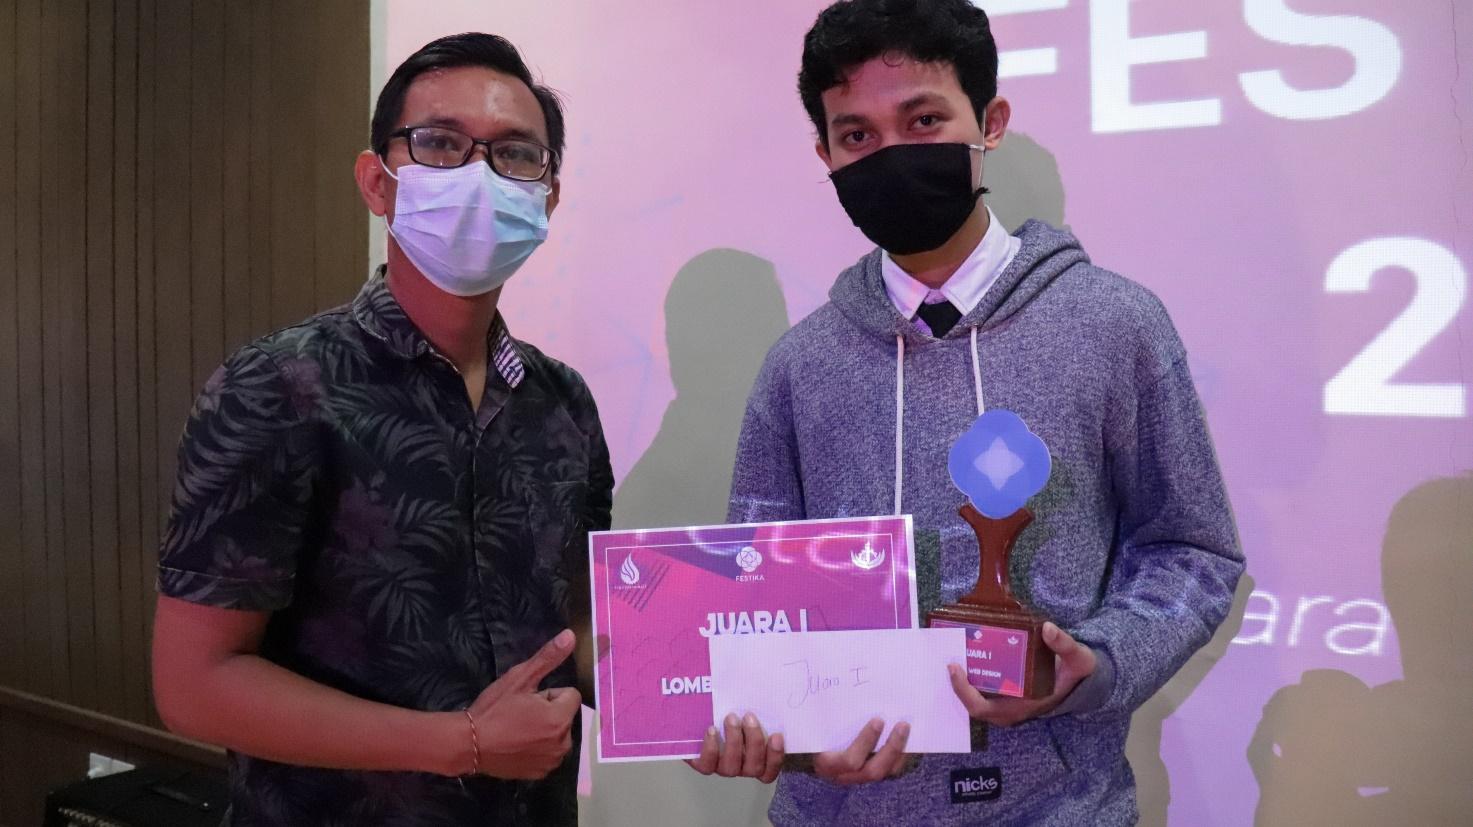 Teknik Komputer Adakan SLiCE 2020 di SMK Al Amal Surabaya